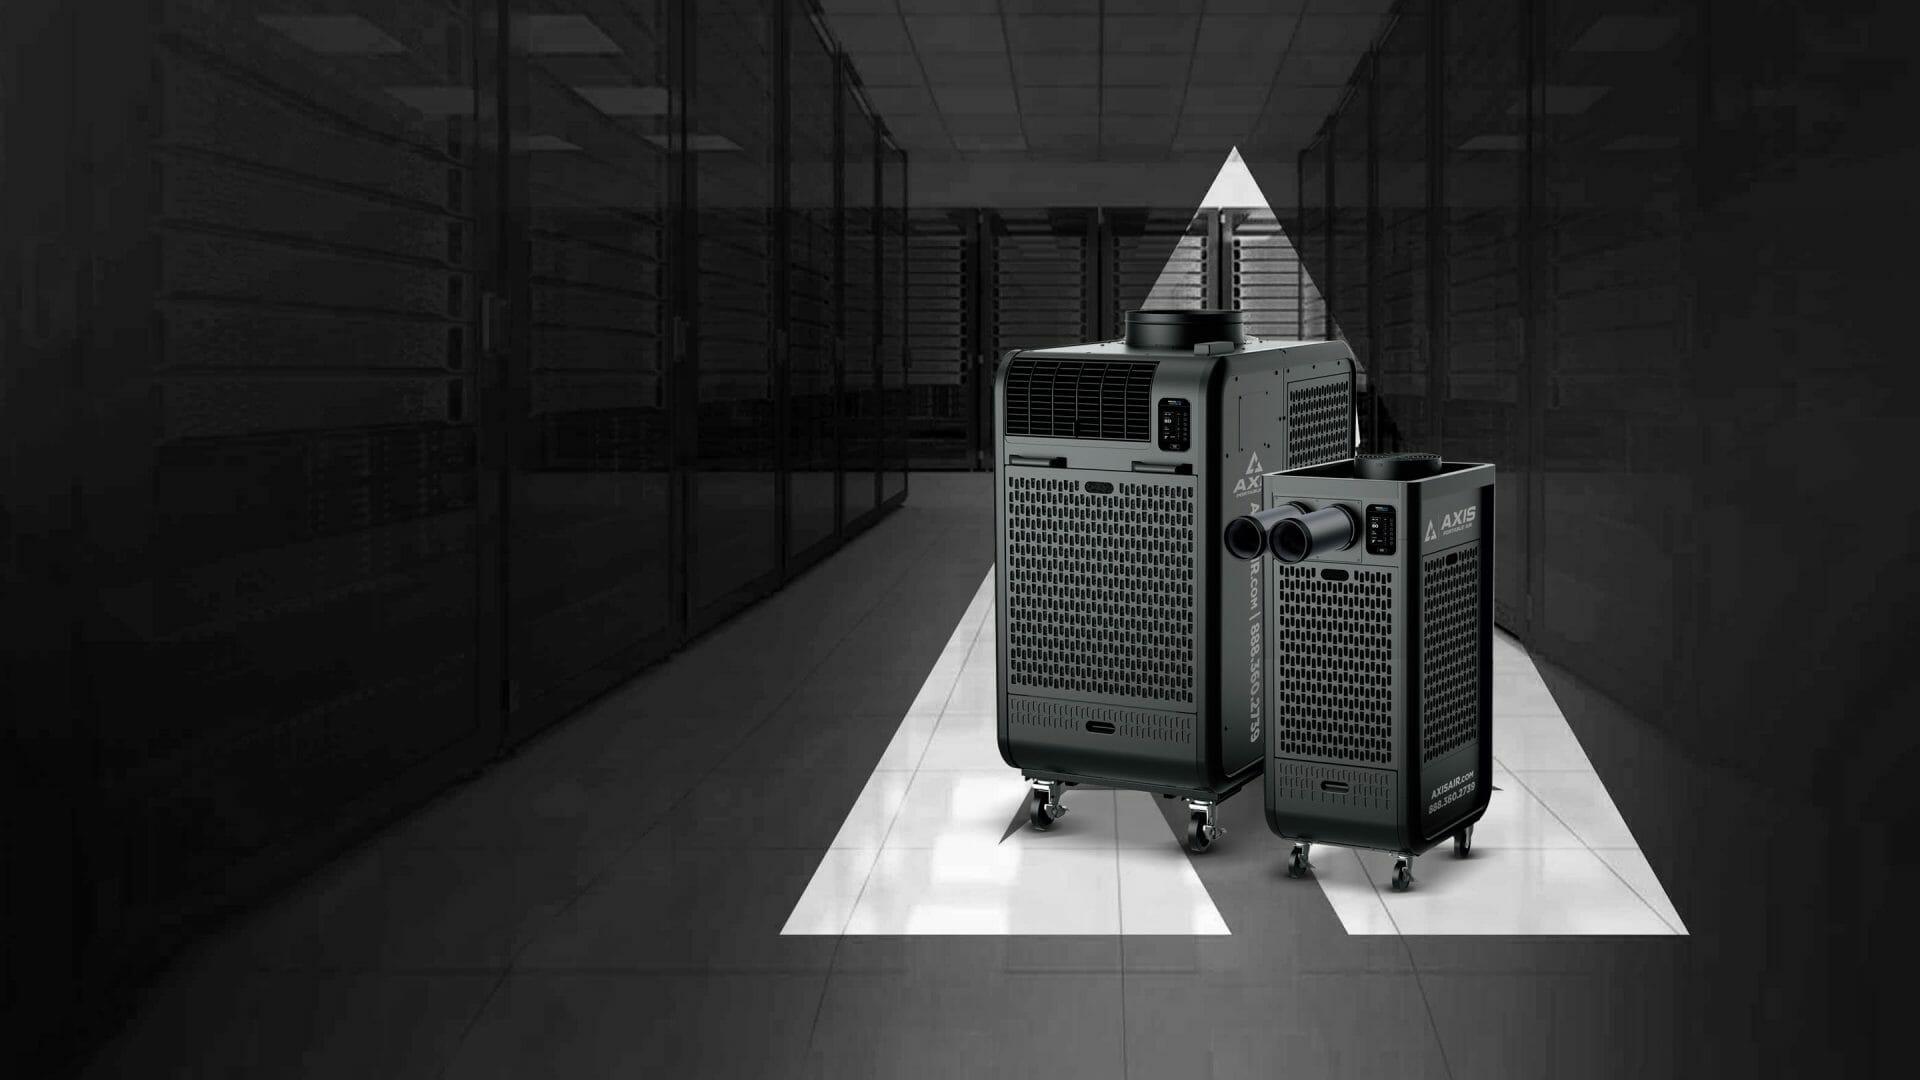 Axis Portable Air Data Center